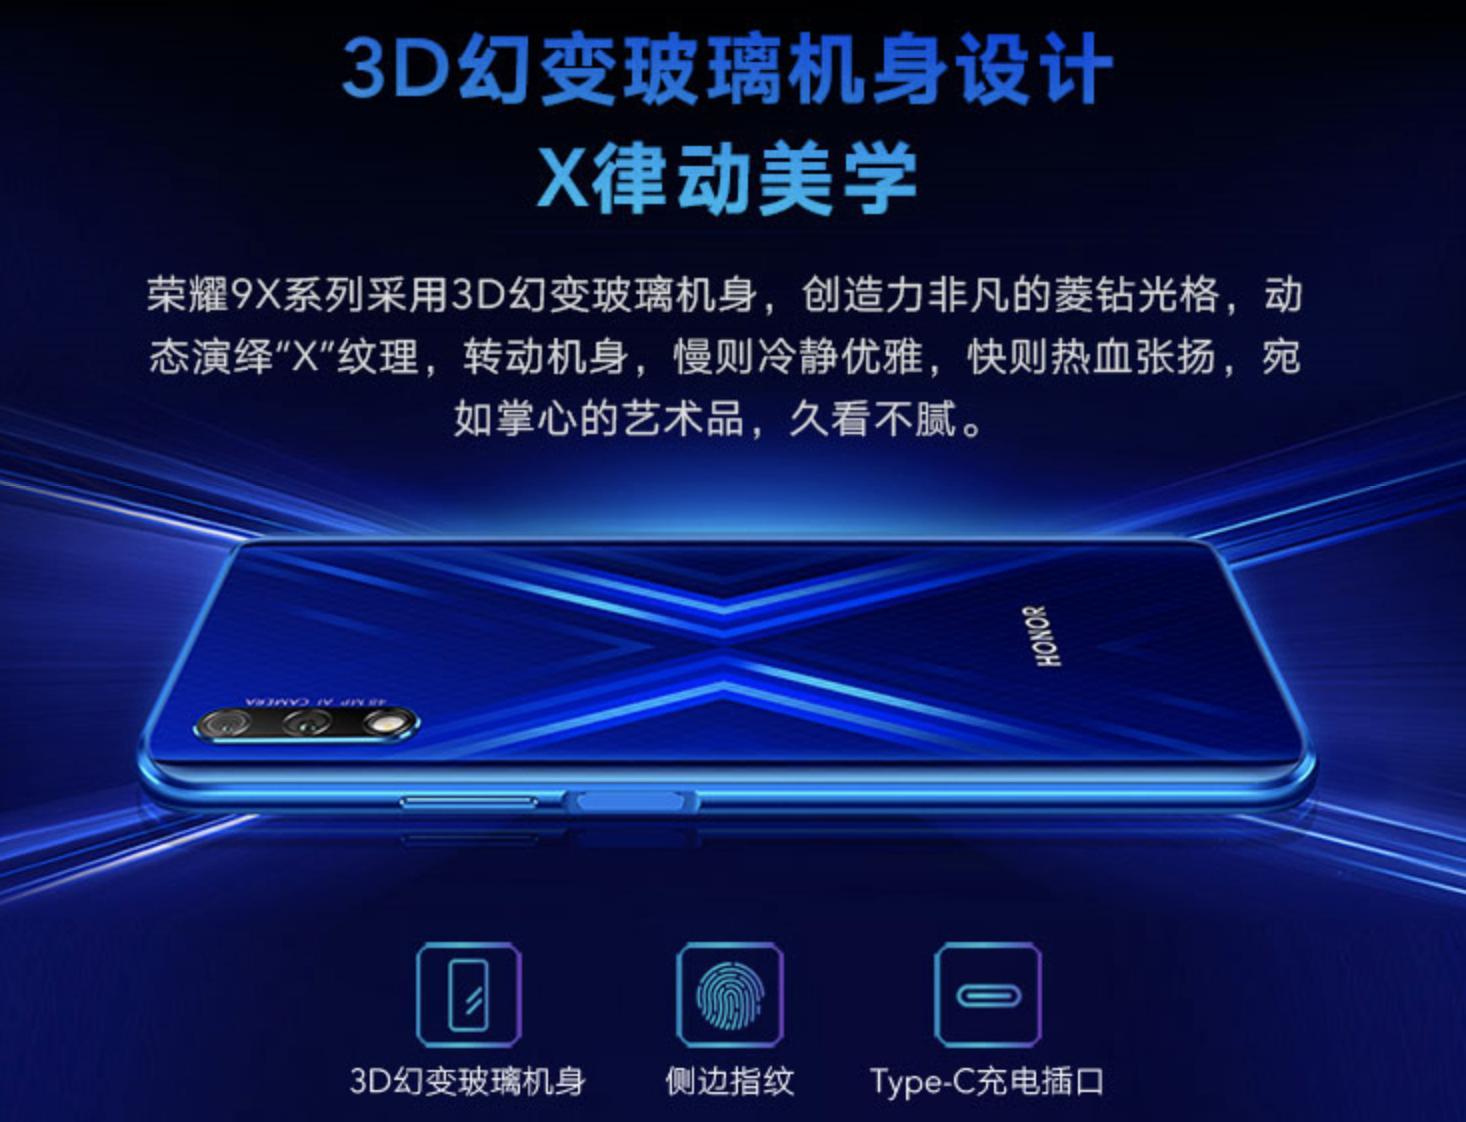 麒麟810荣耀9X系列发布 国美全渠道首发预售好礼相赠